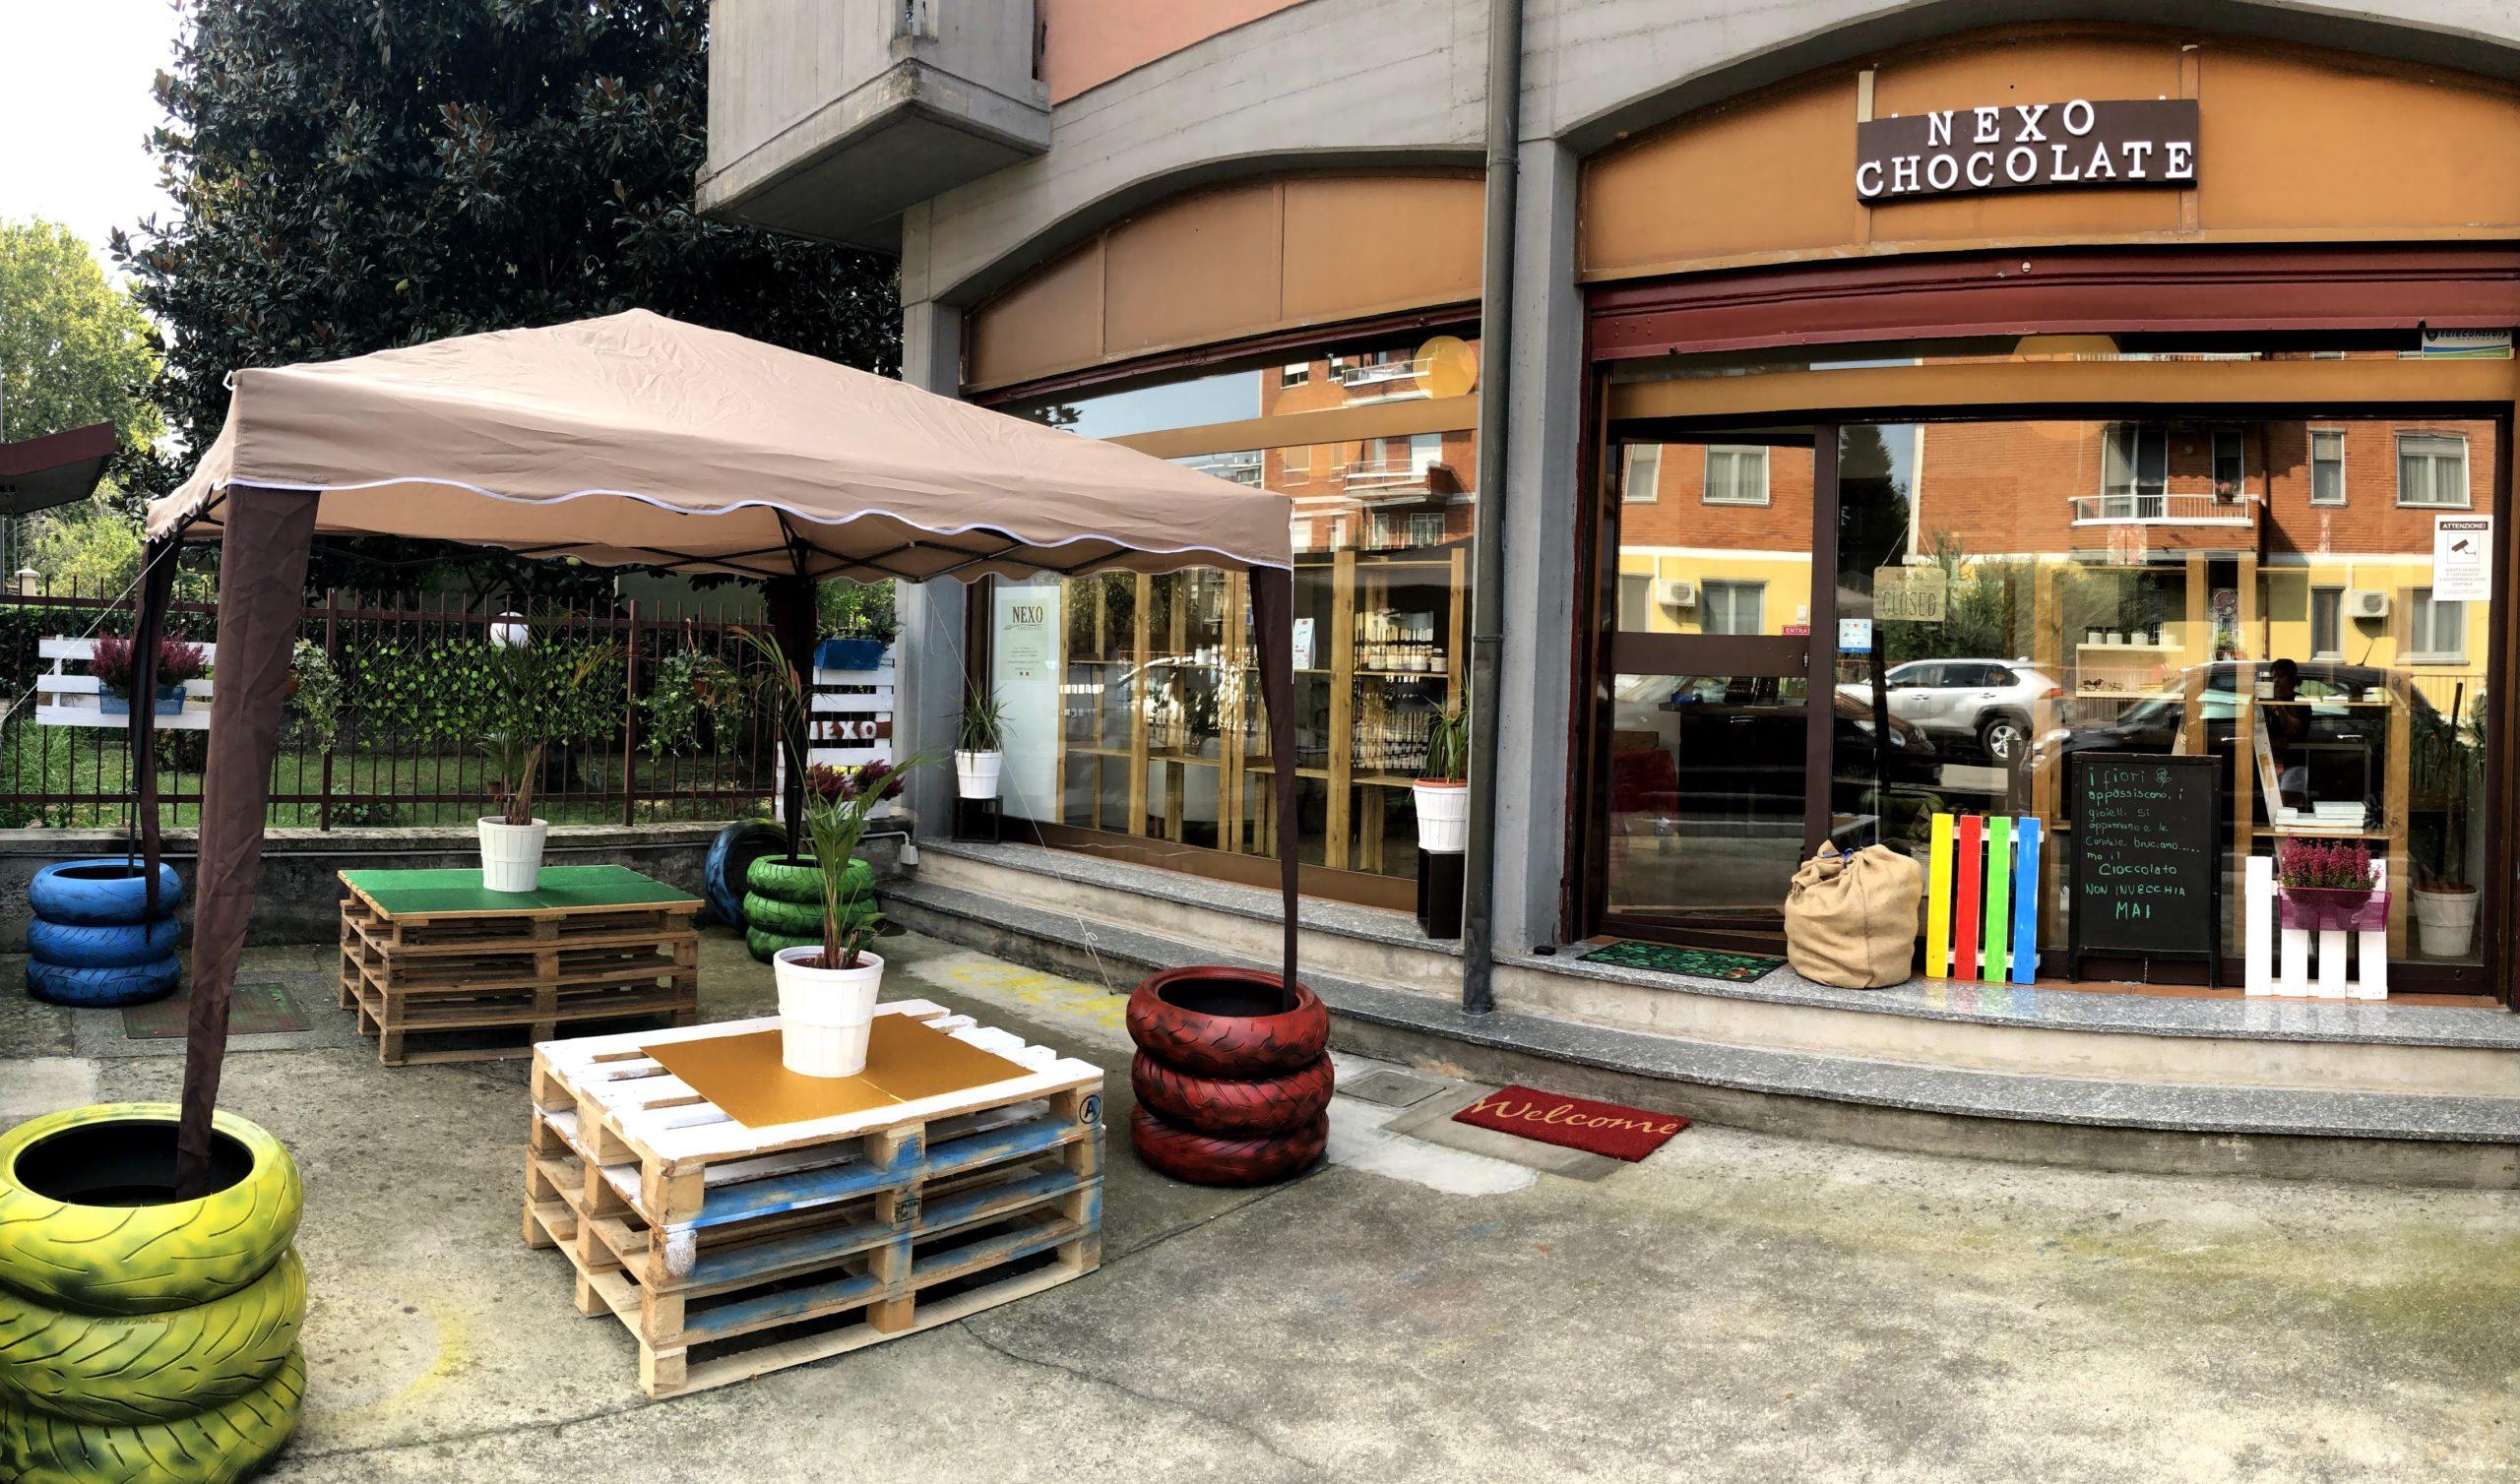 Spazio esterno ed entrata principale del punto vendita e laboratorio Nexo Chocolate